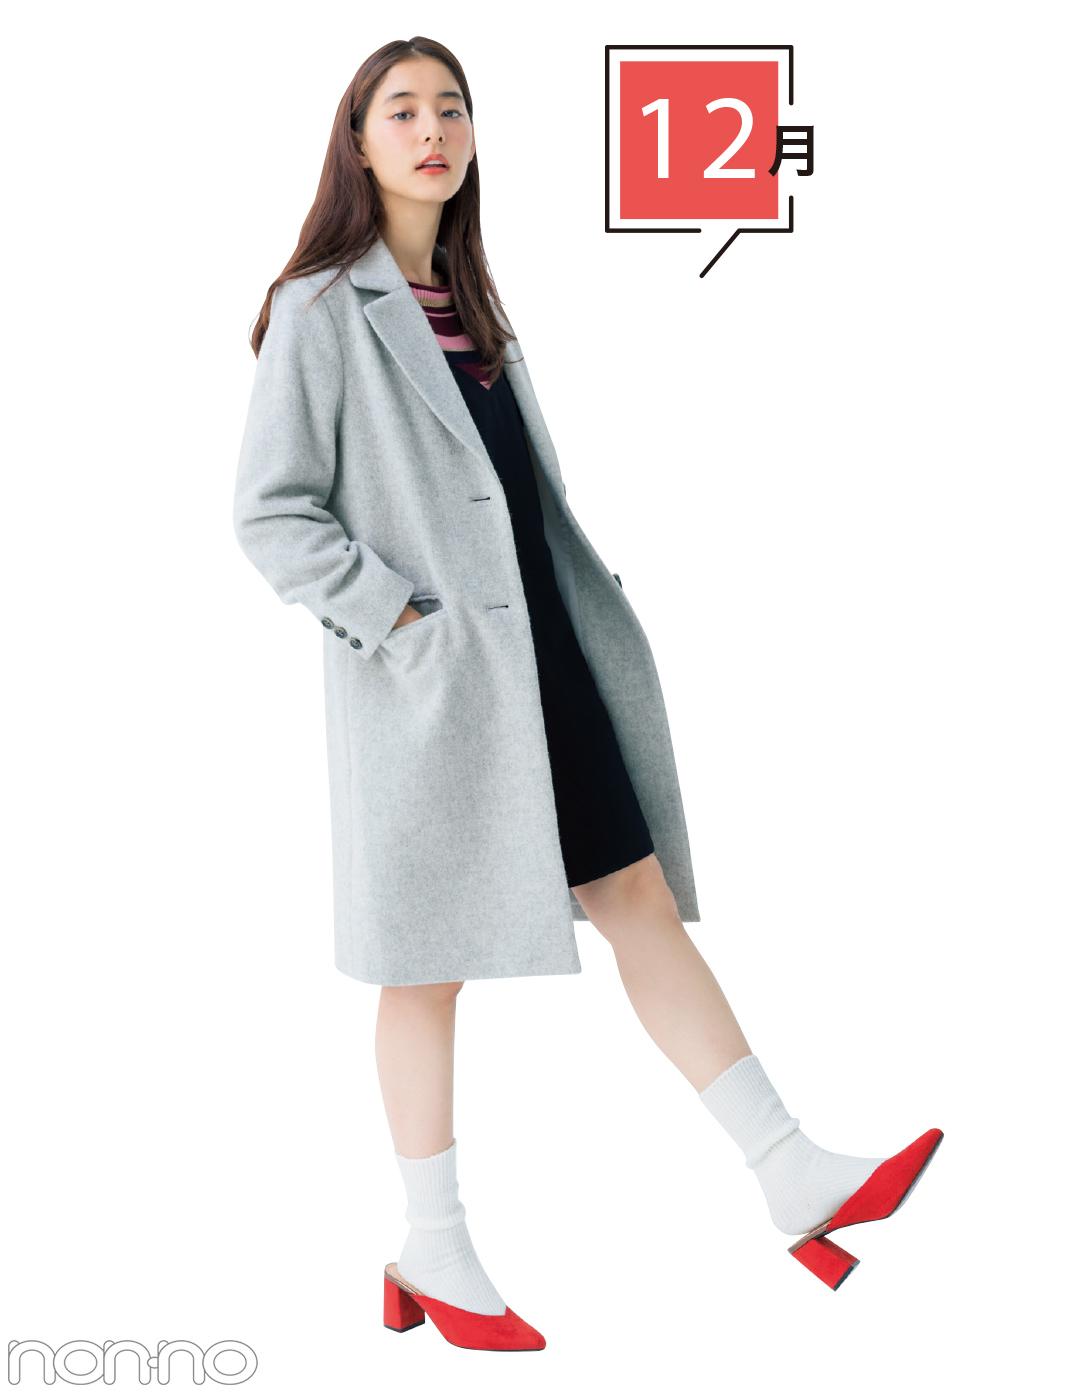 新木優子のプチプラ♡スリッパパンプス着回しをチェック!_1_2-3